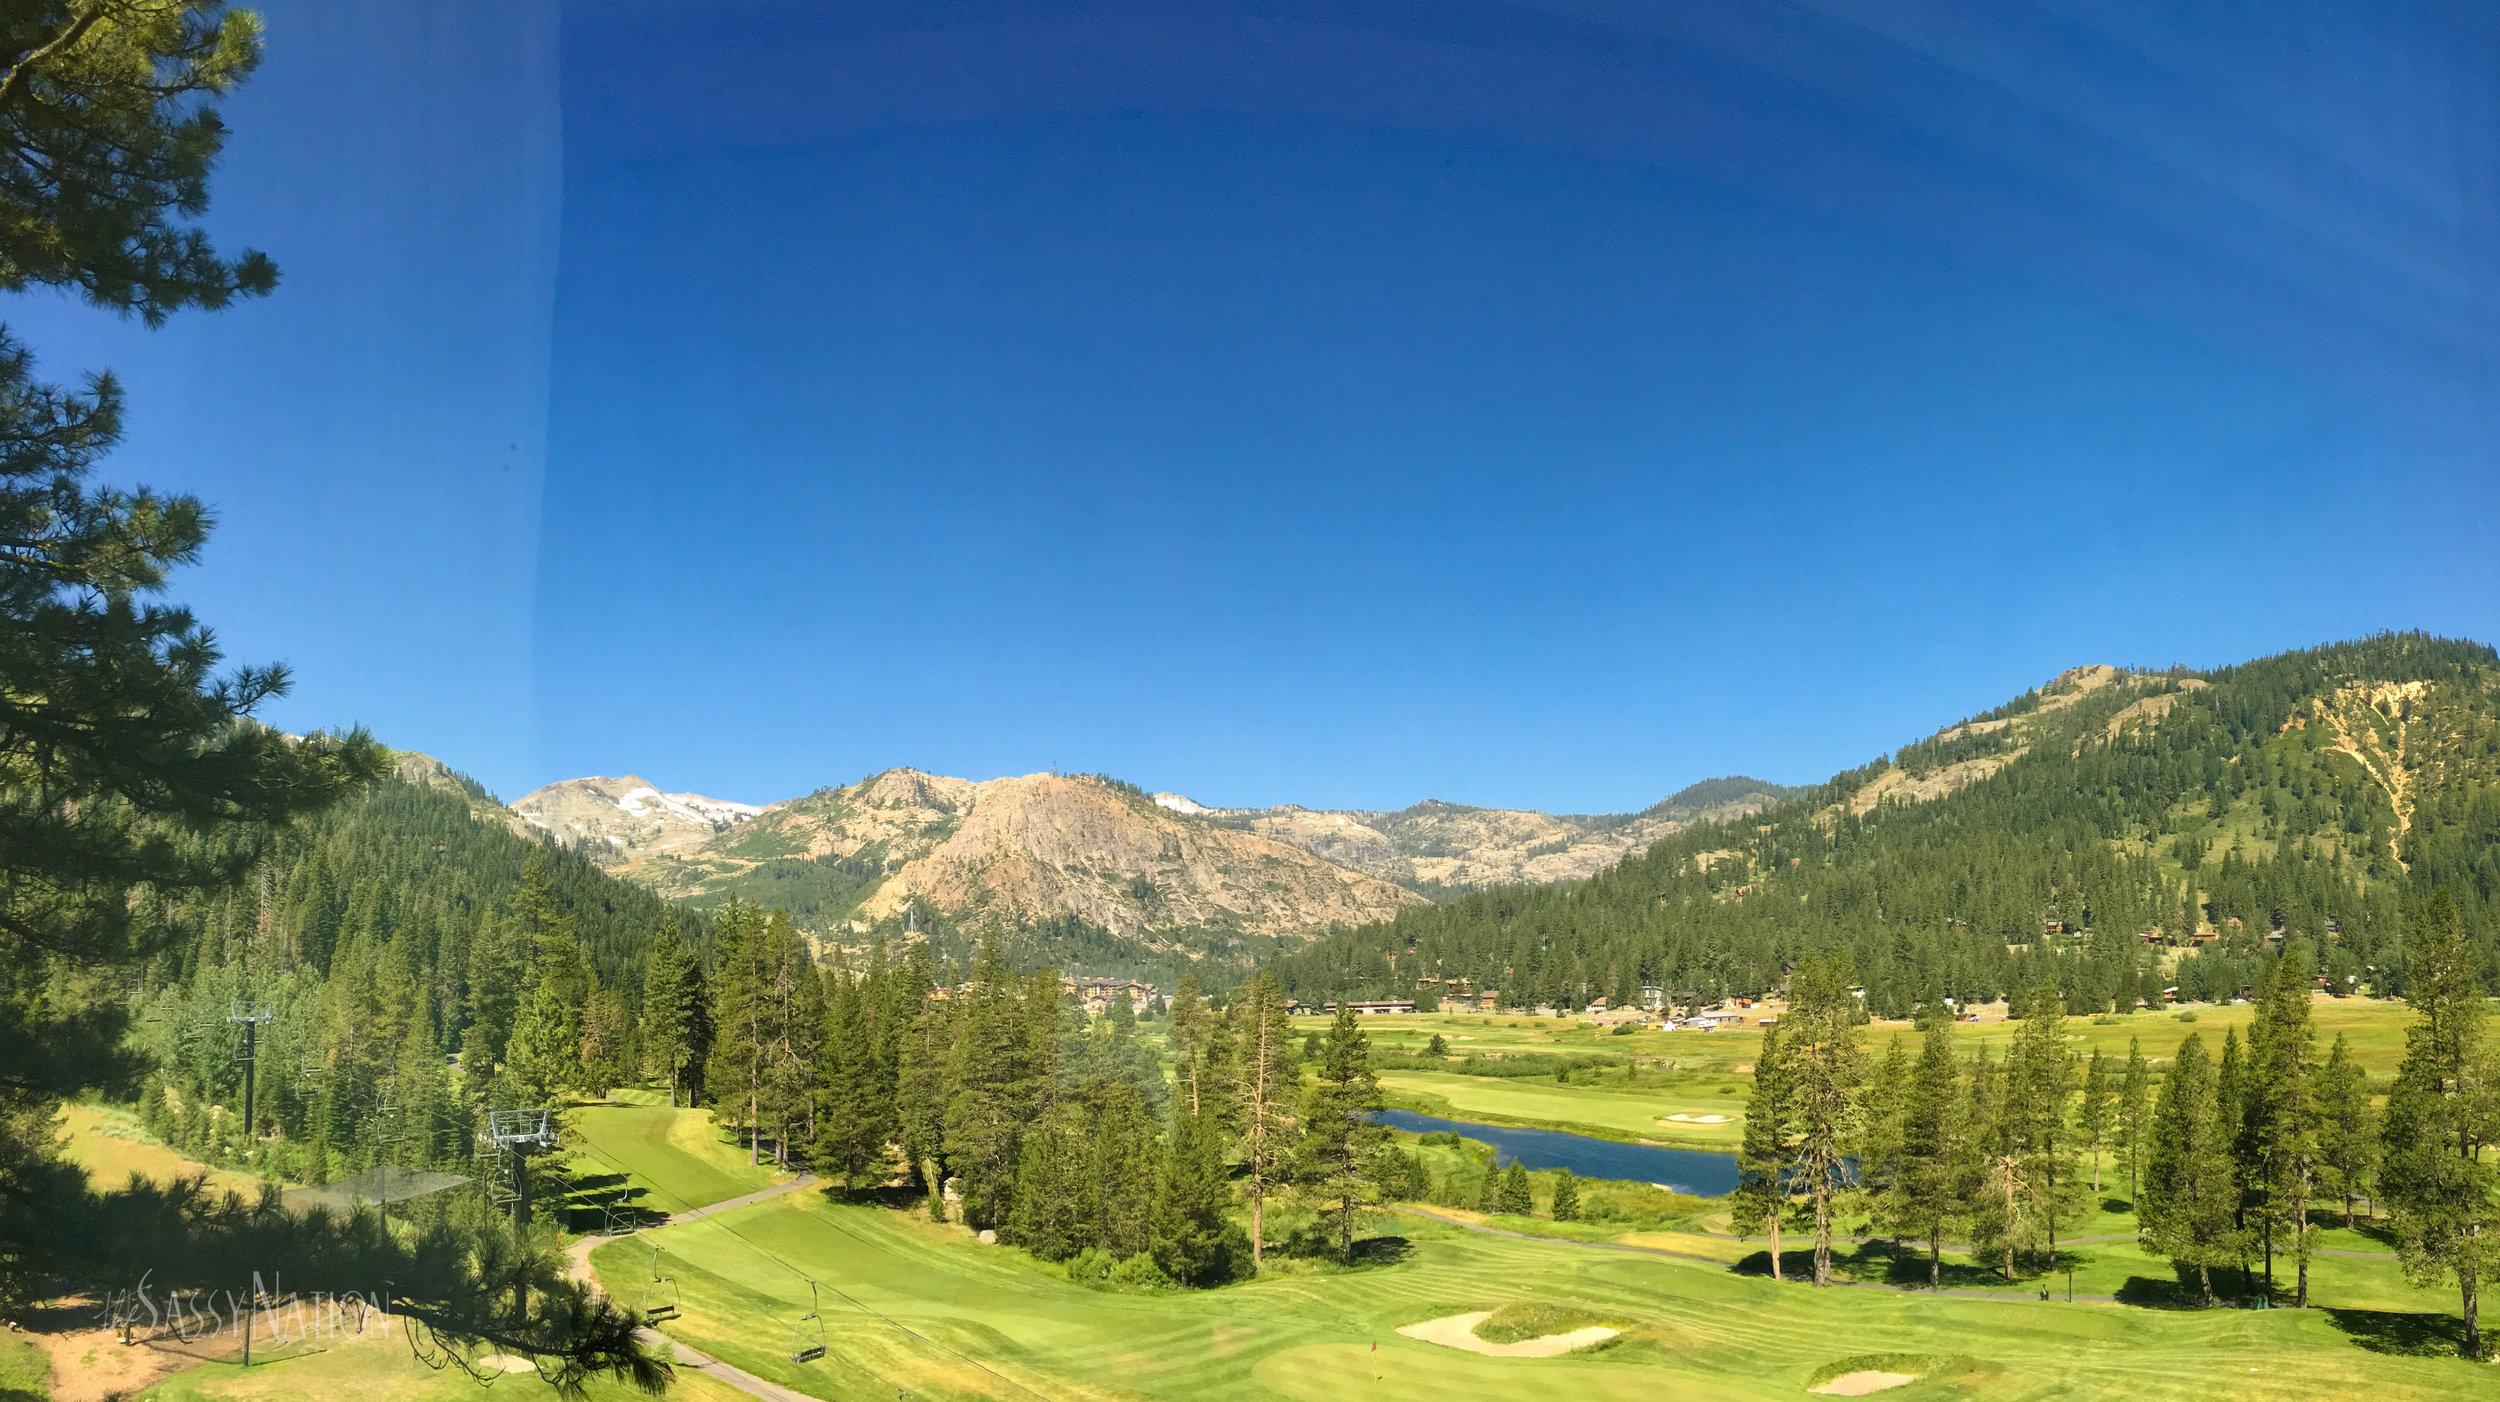 Lake_Tahoe_Summer_TheSassyNation-4.jpg